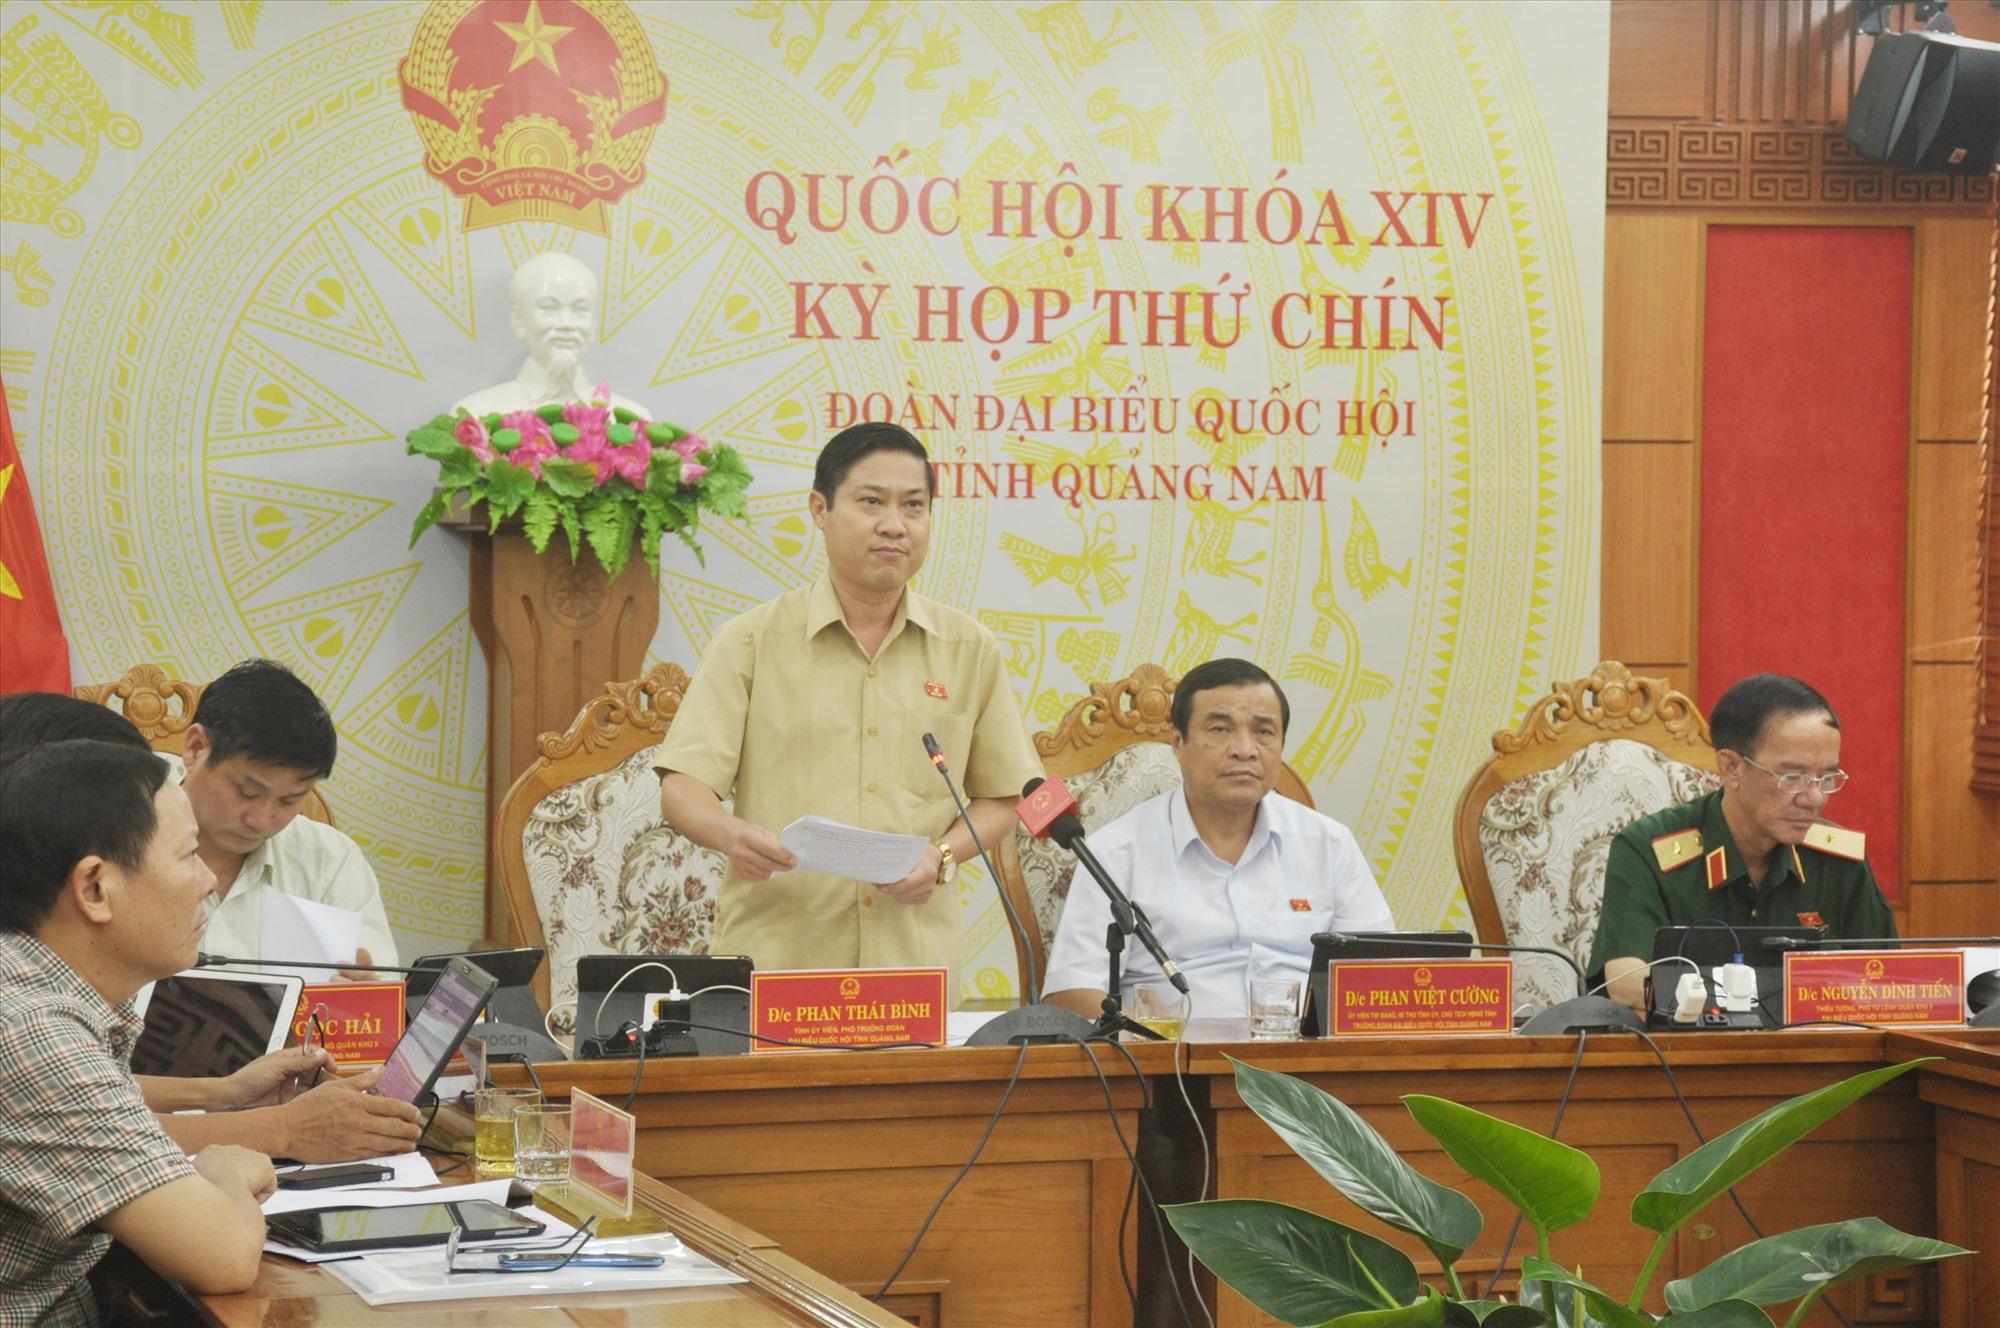 Phó Trưởng đoàn ĐBQH tỉnh Phan Thái Bình phát biểu thảo luận chiều nay 21.5. Ảnh: N.Đ